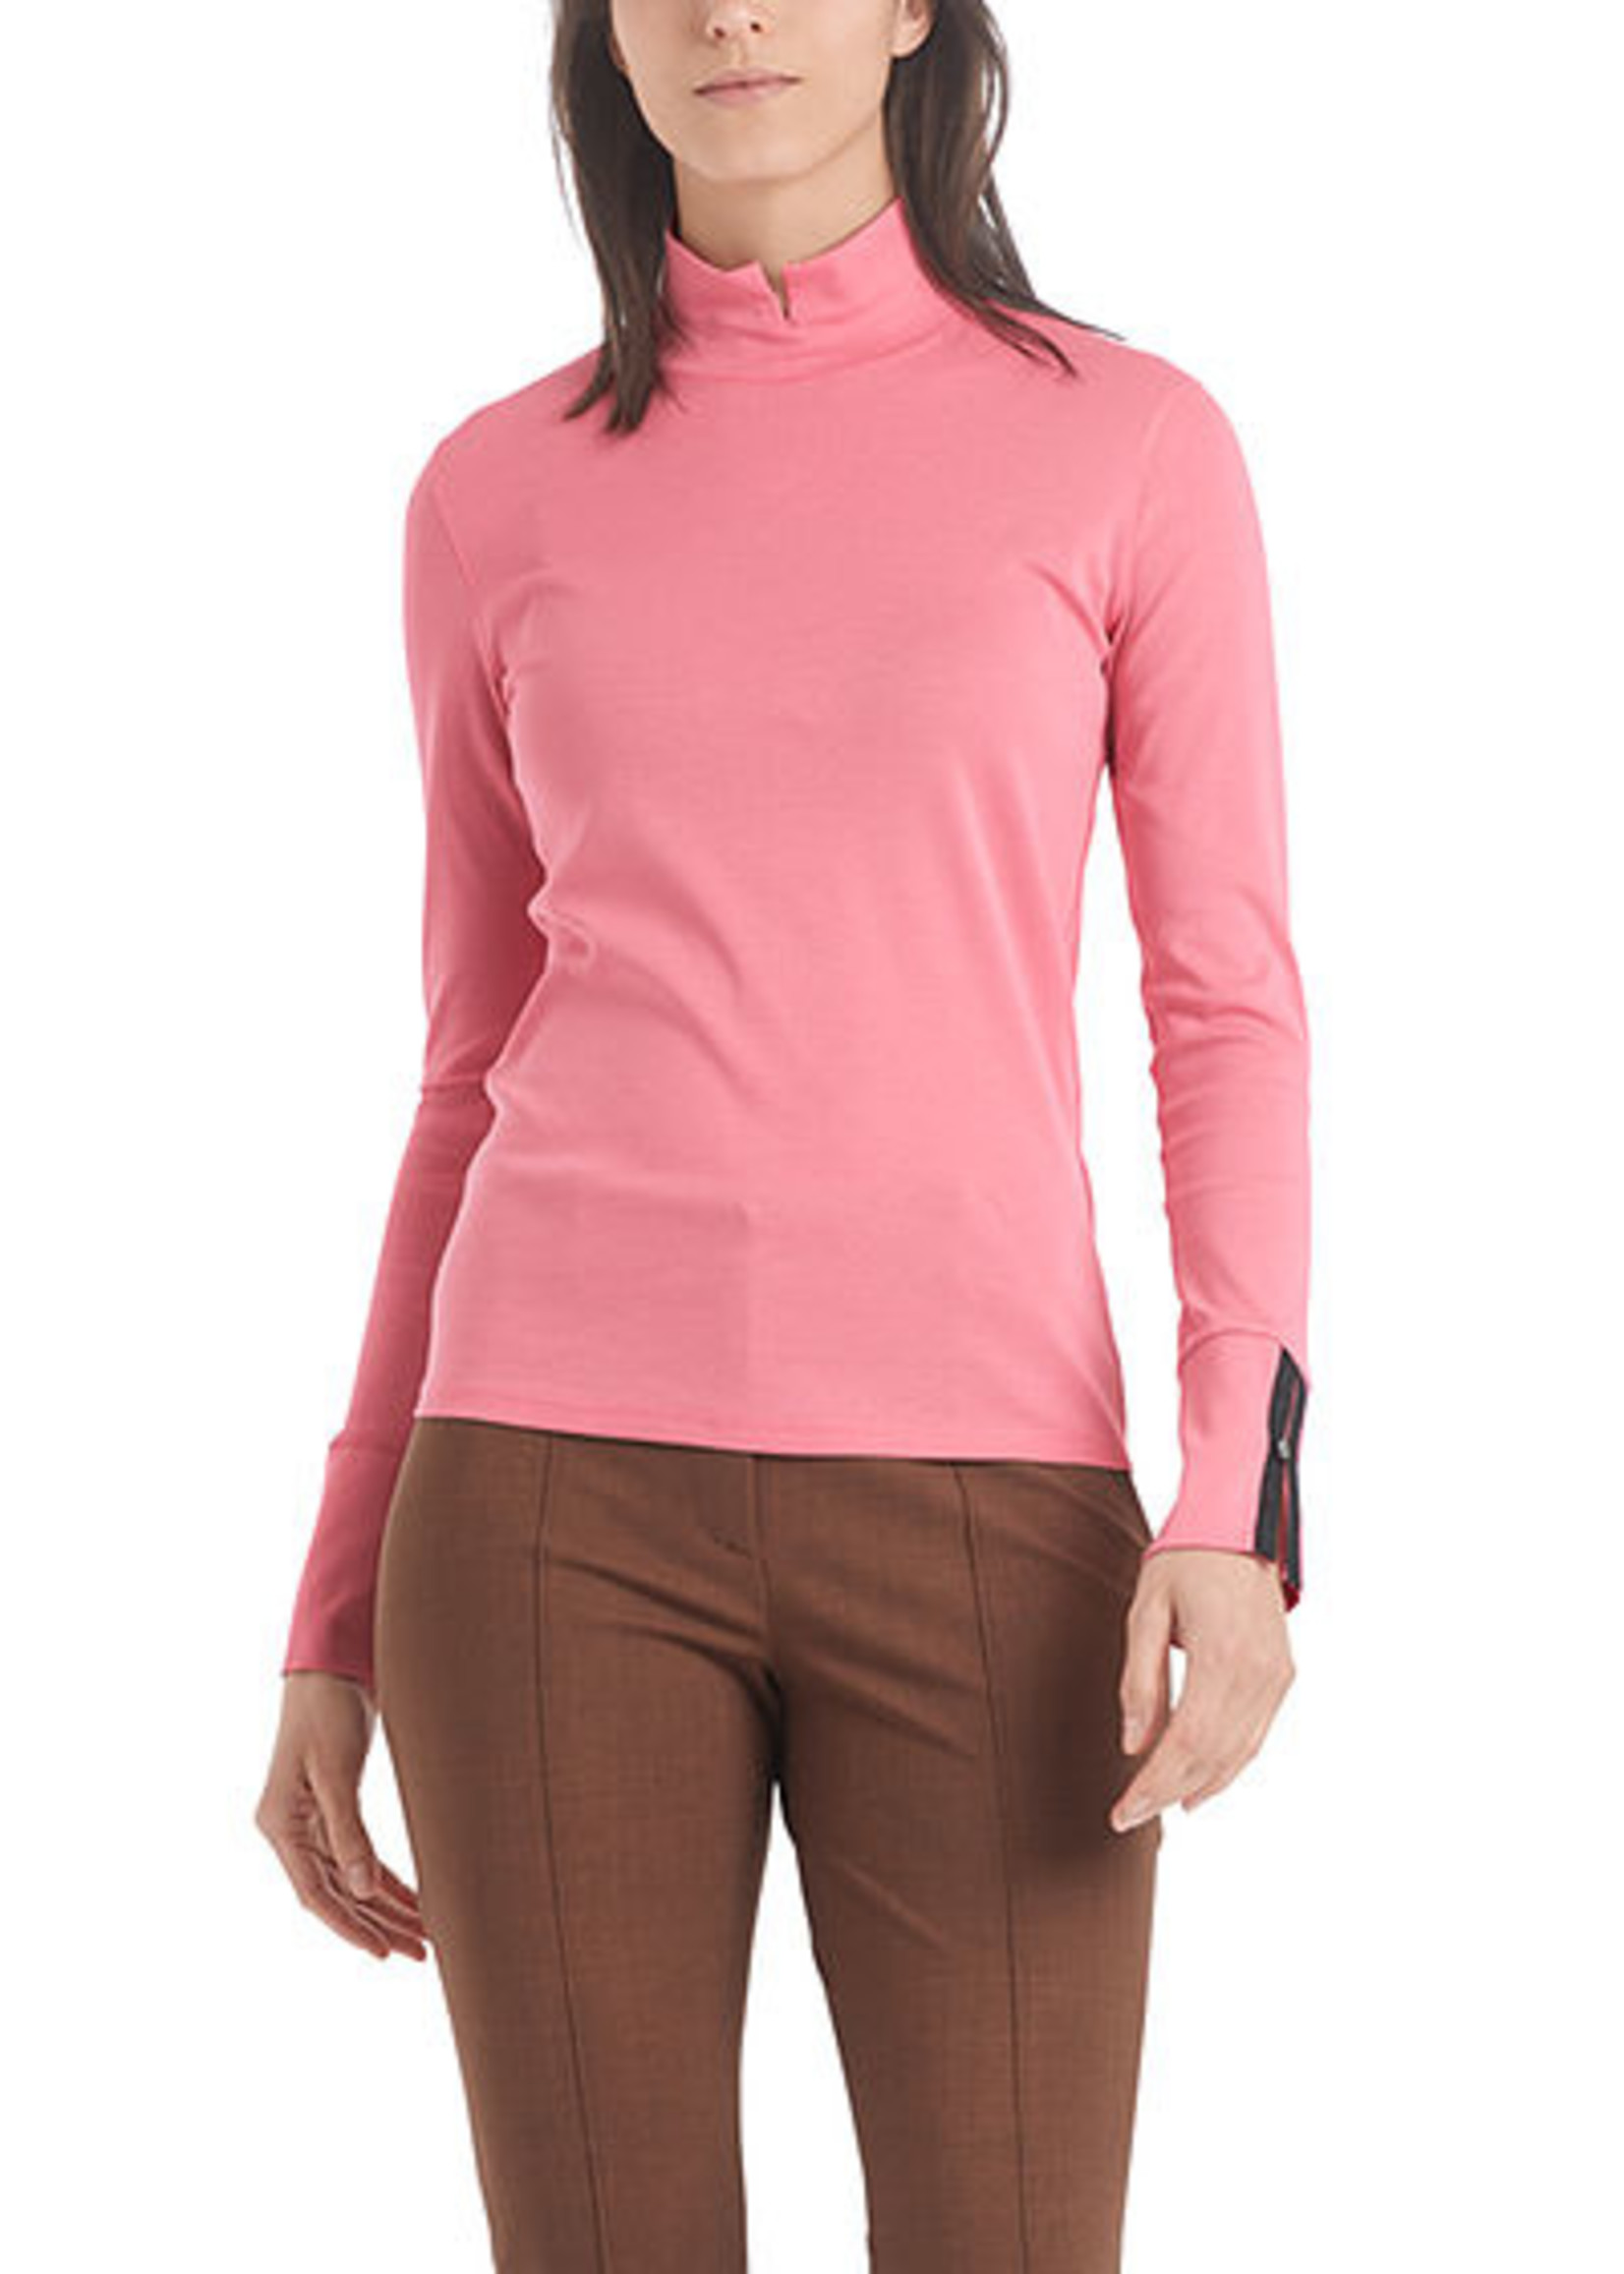 T-shirt RC 48.33 J14 intense rose